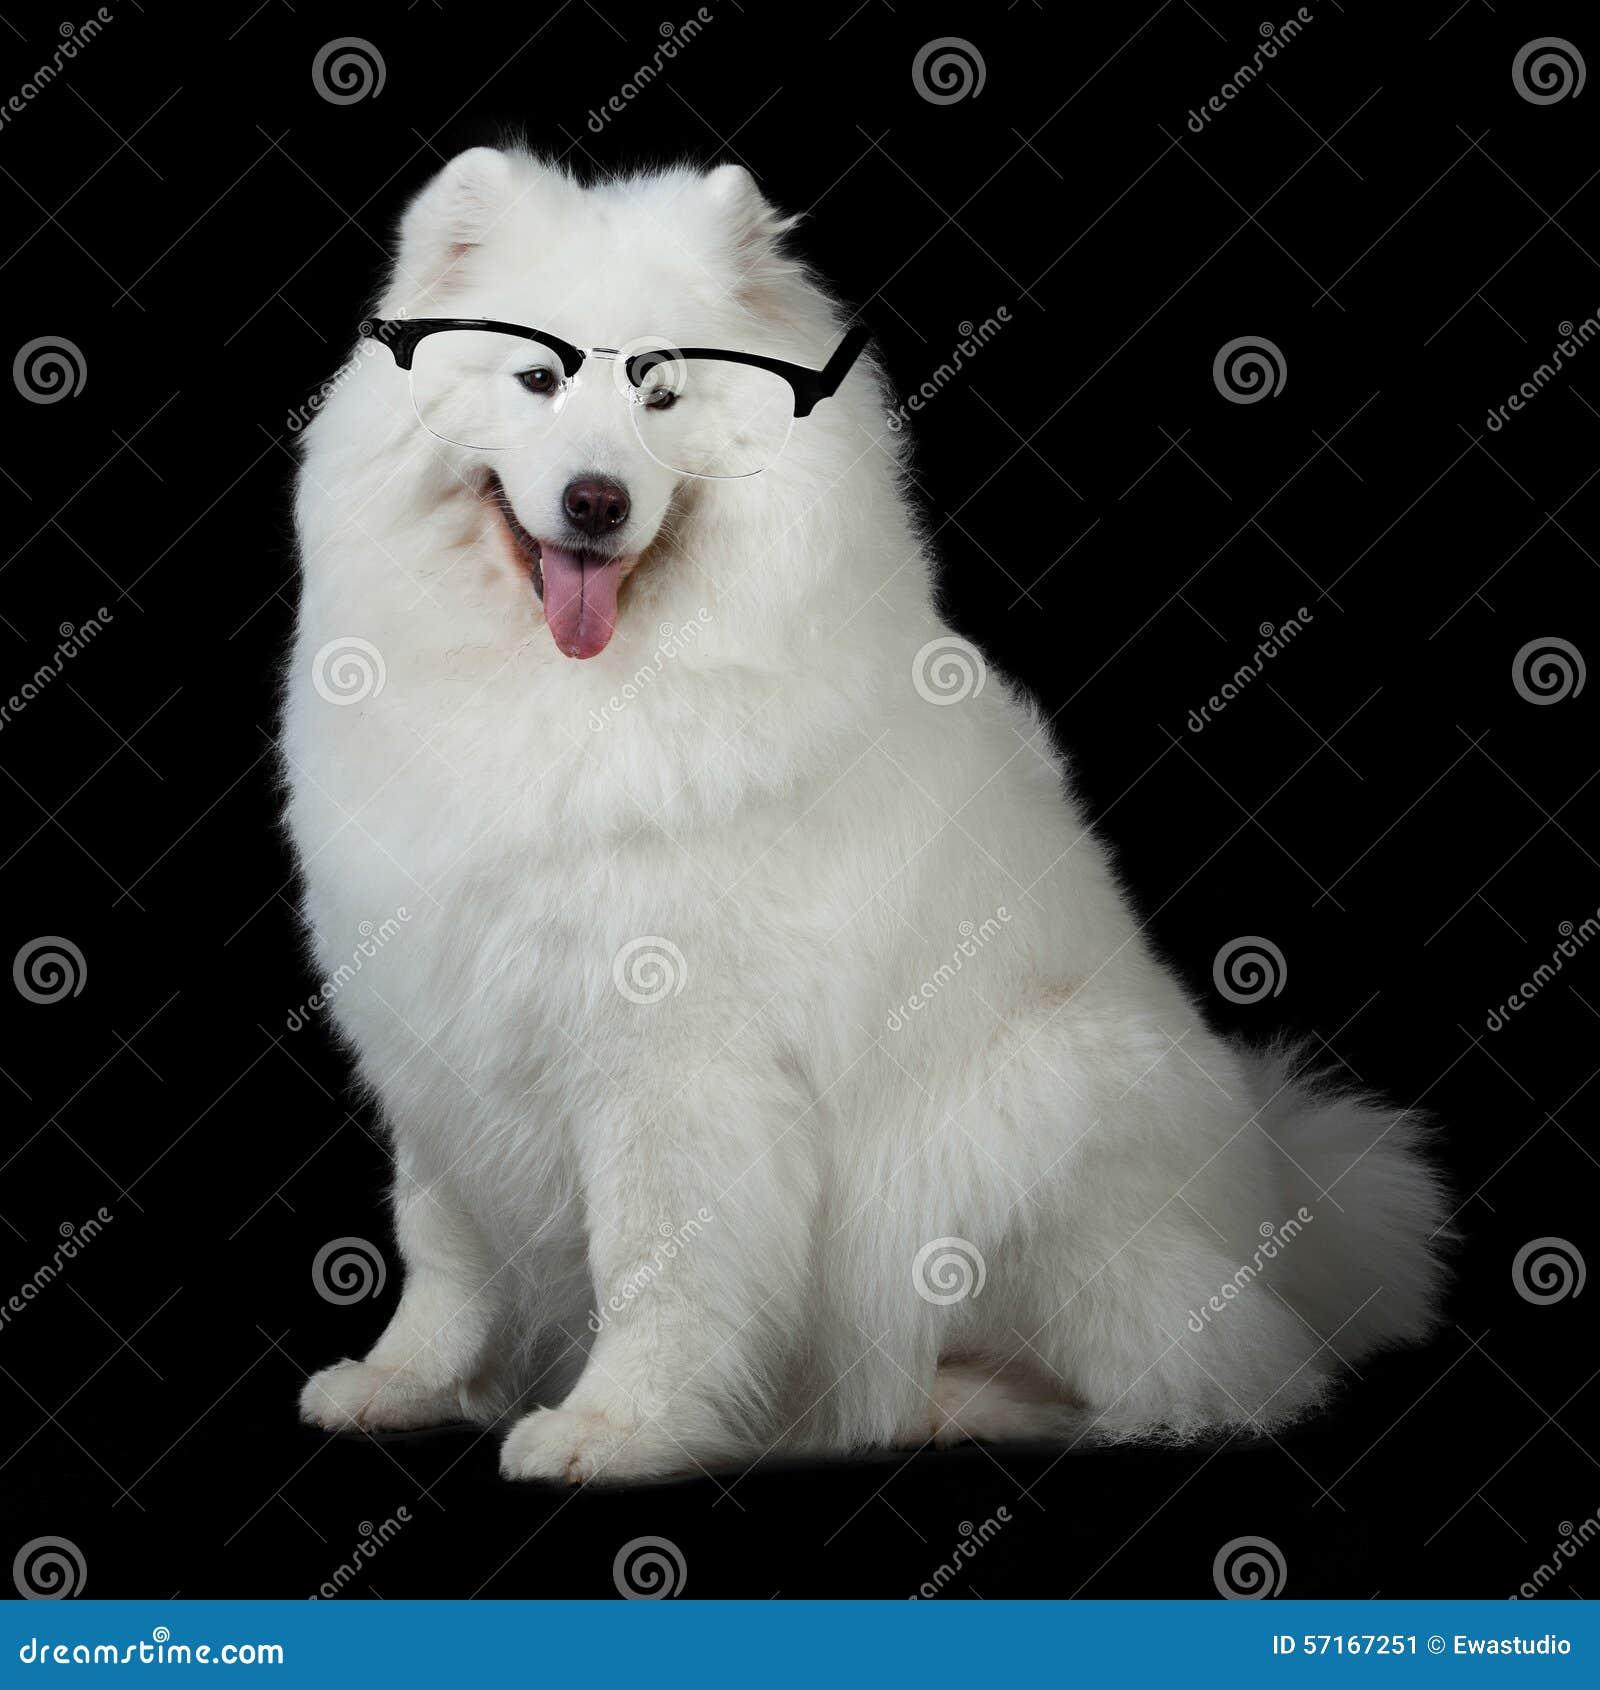 samoyed dog wiht glasses stock photo image 57167251